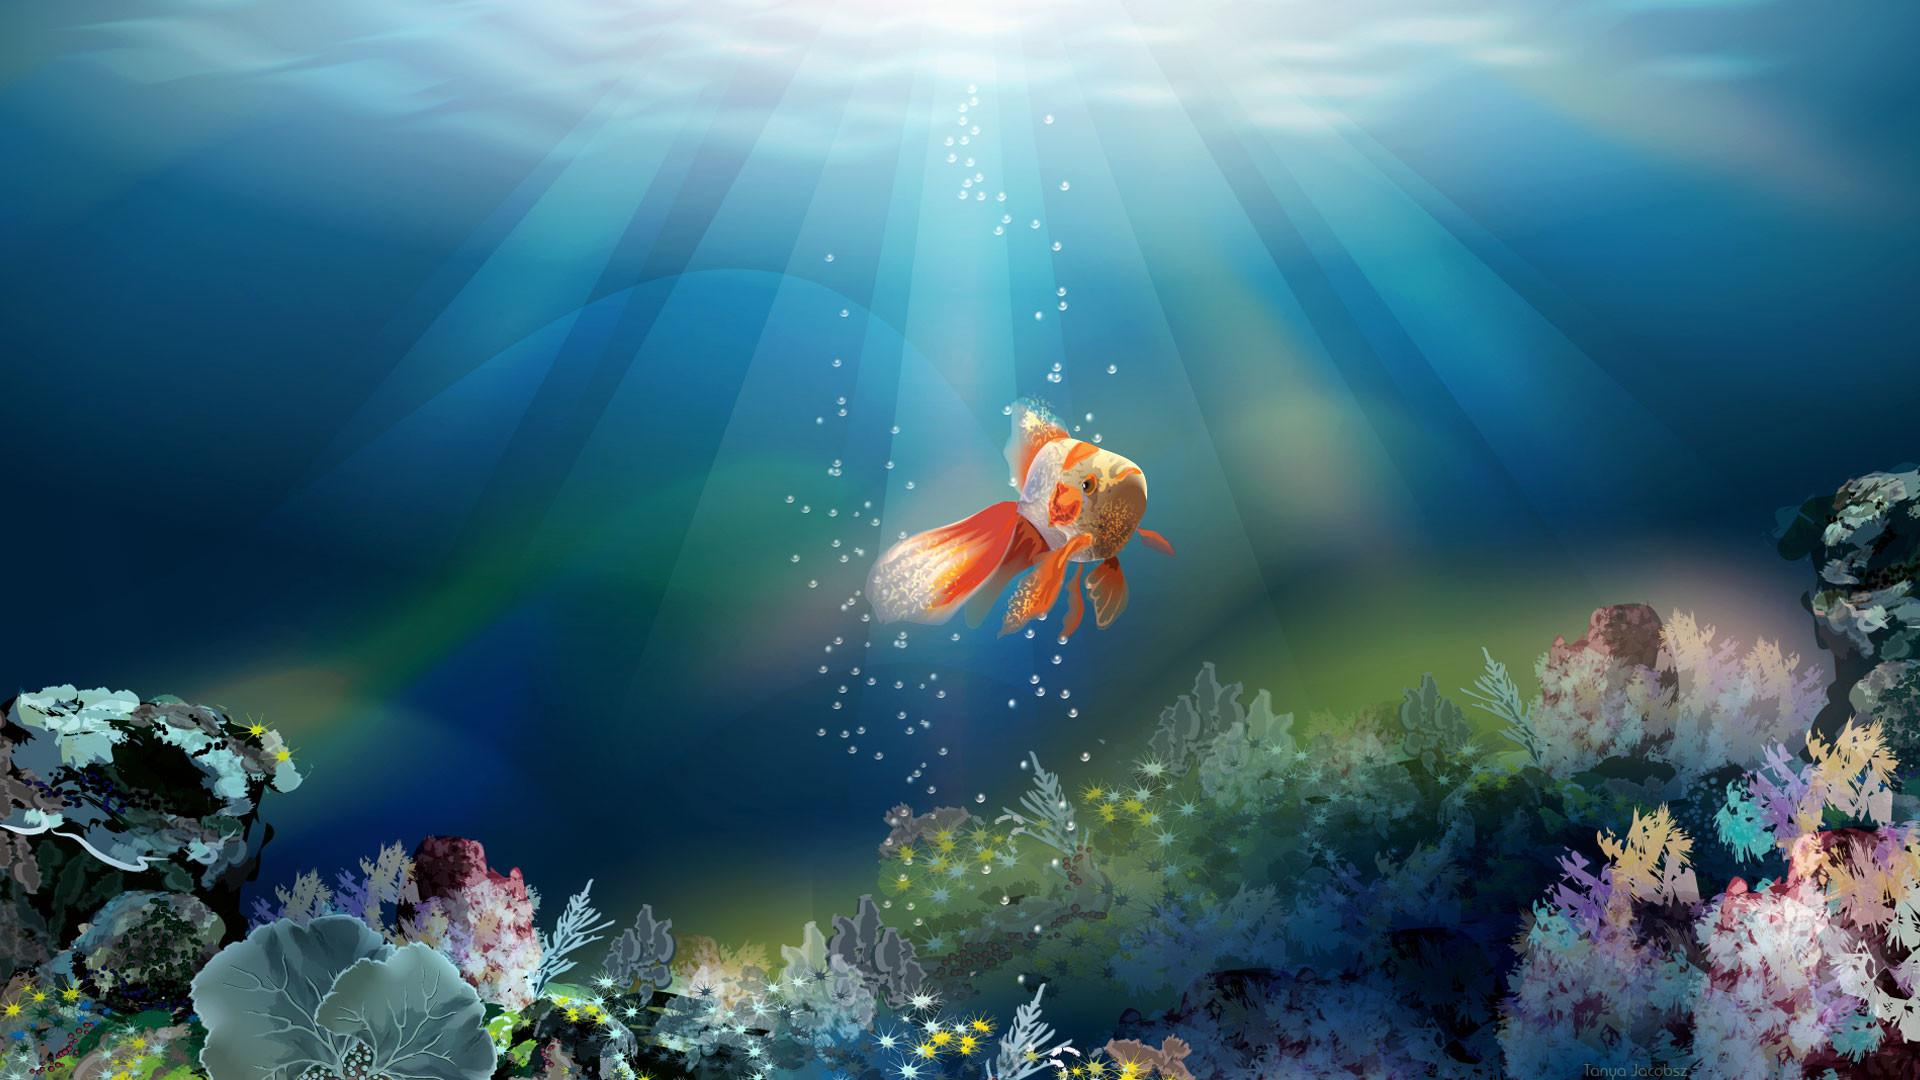 Fish Desktop Wallpaper 57 Pictures